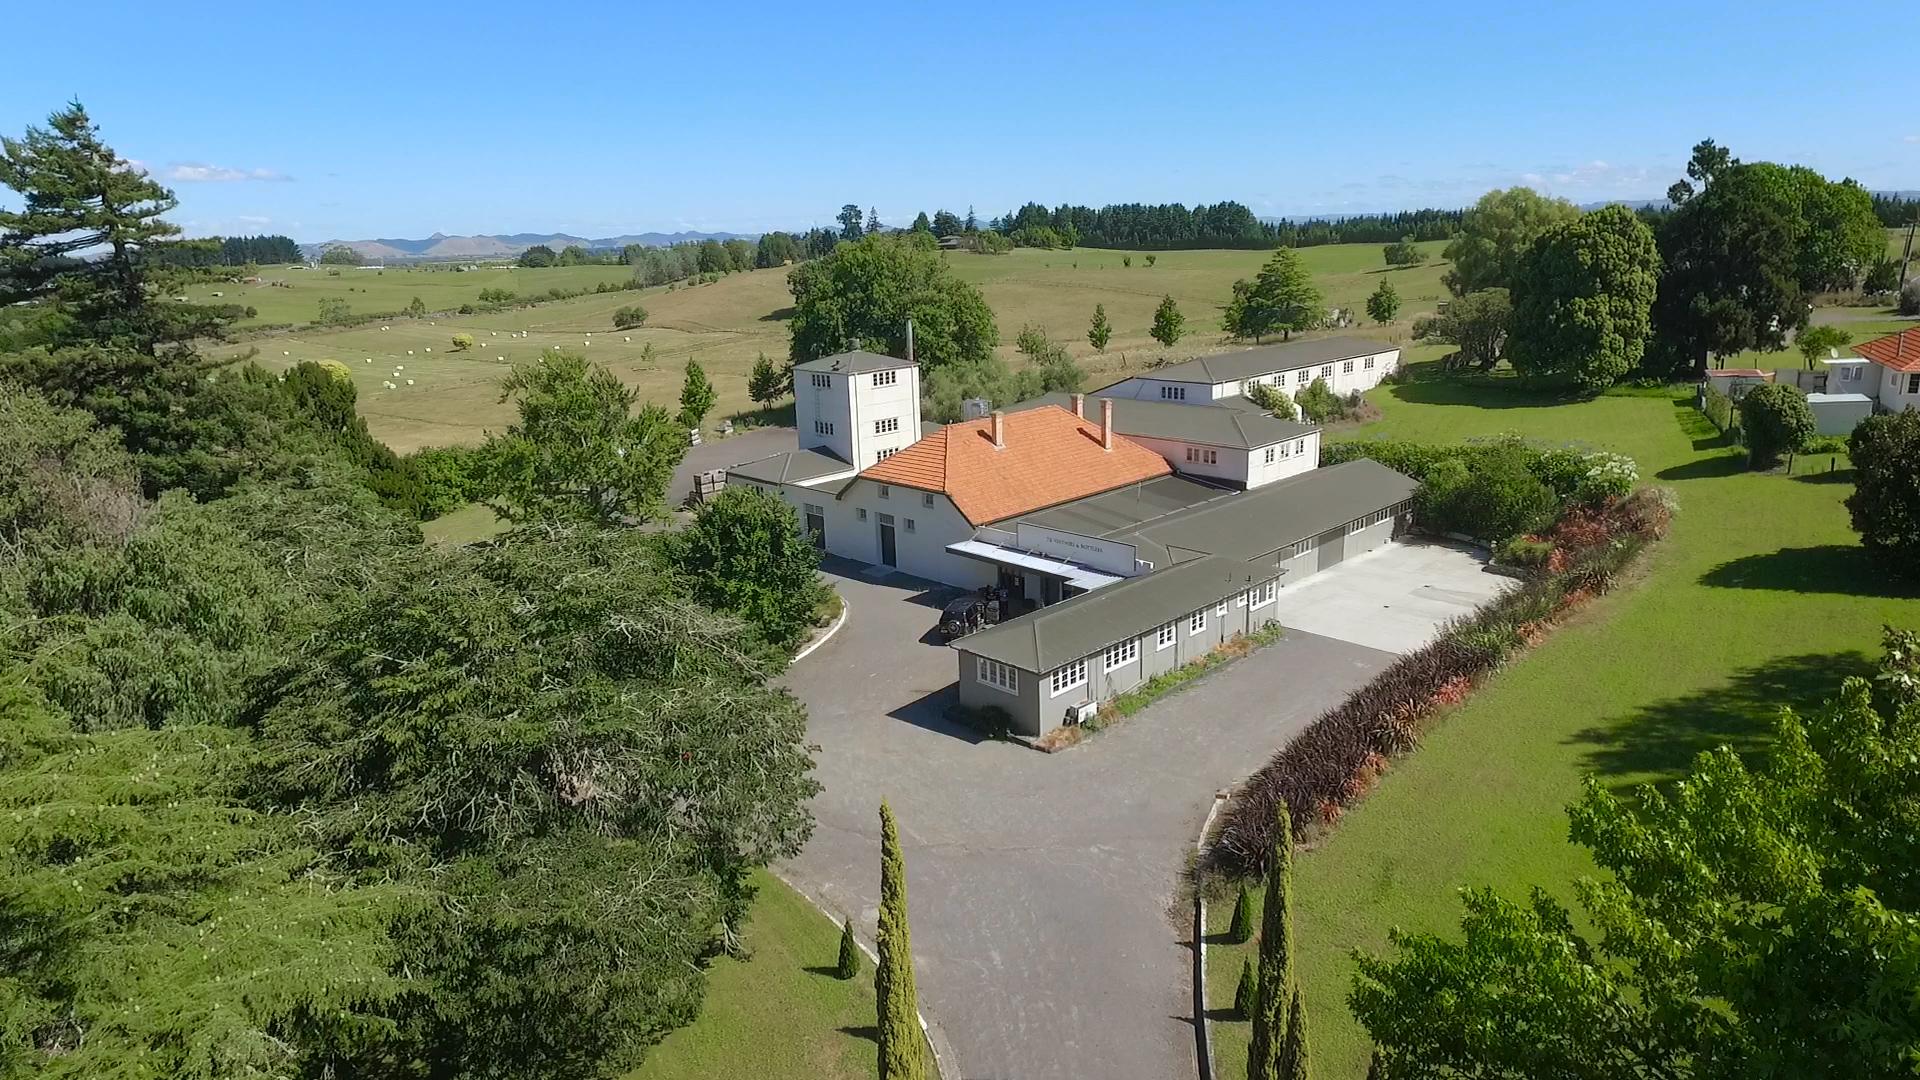 Invivo's Te Kauwhata winery